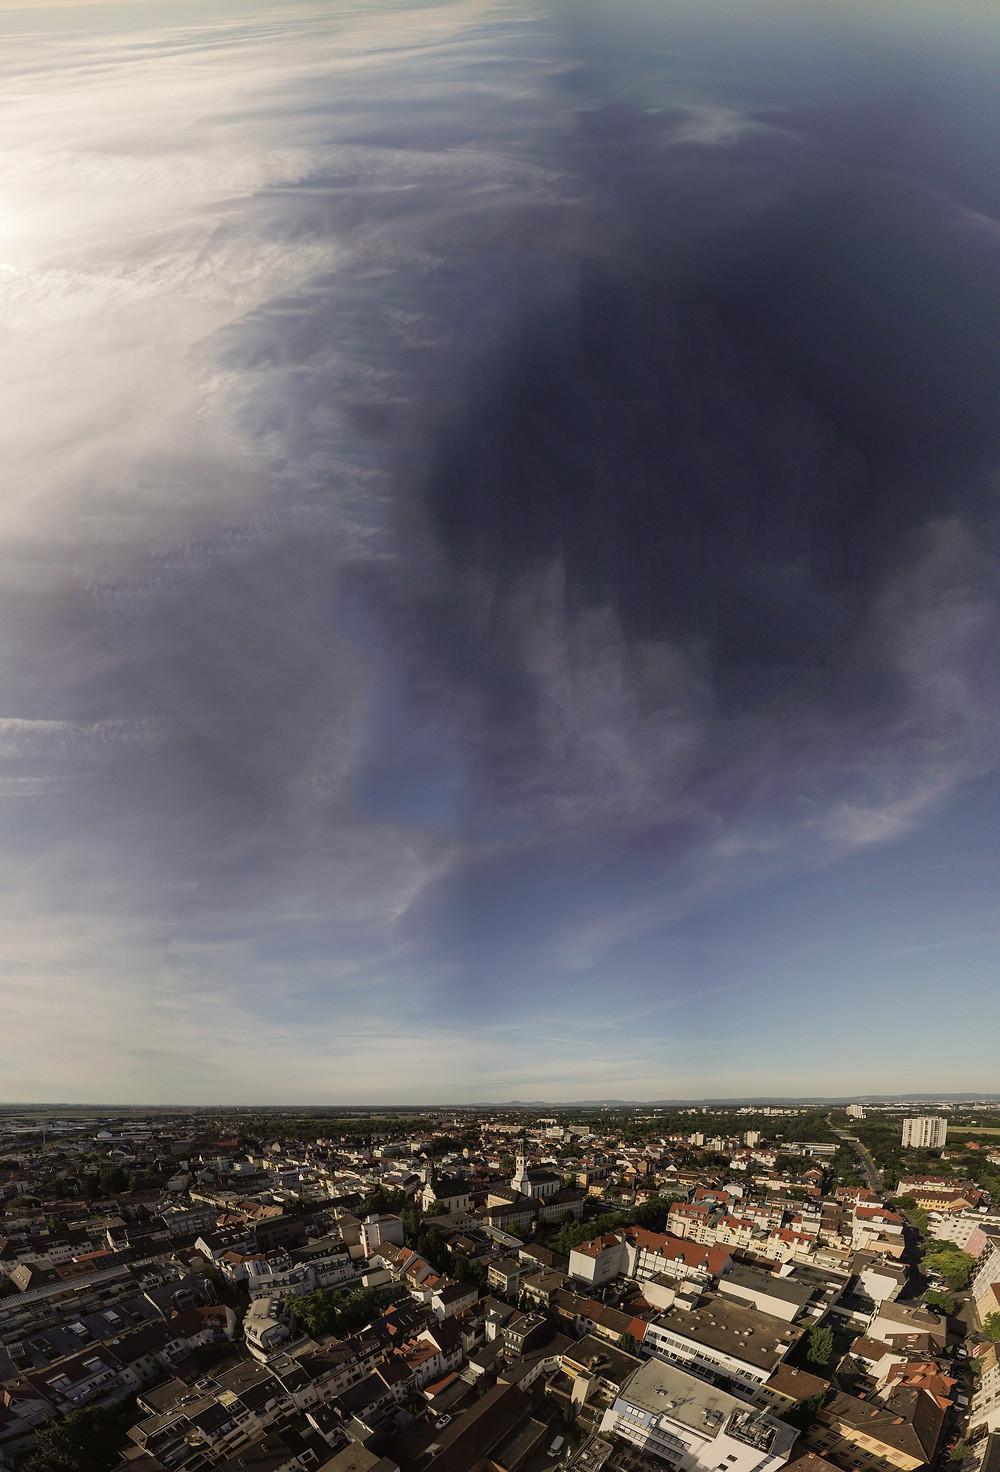 Luftbildausschnitt aus einem 360°-Panorama